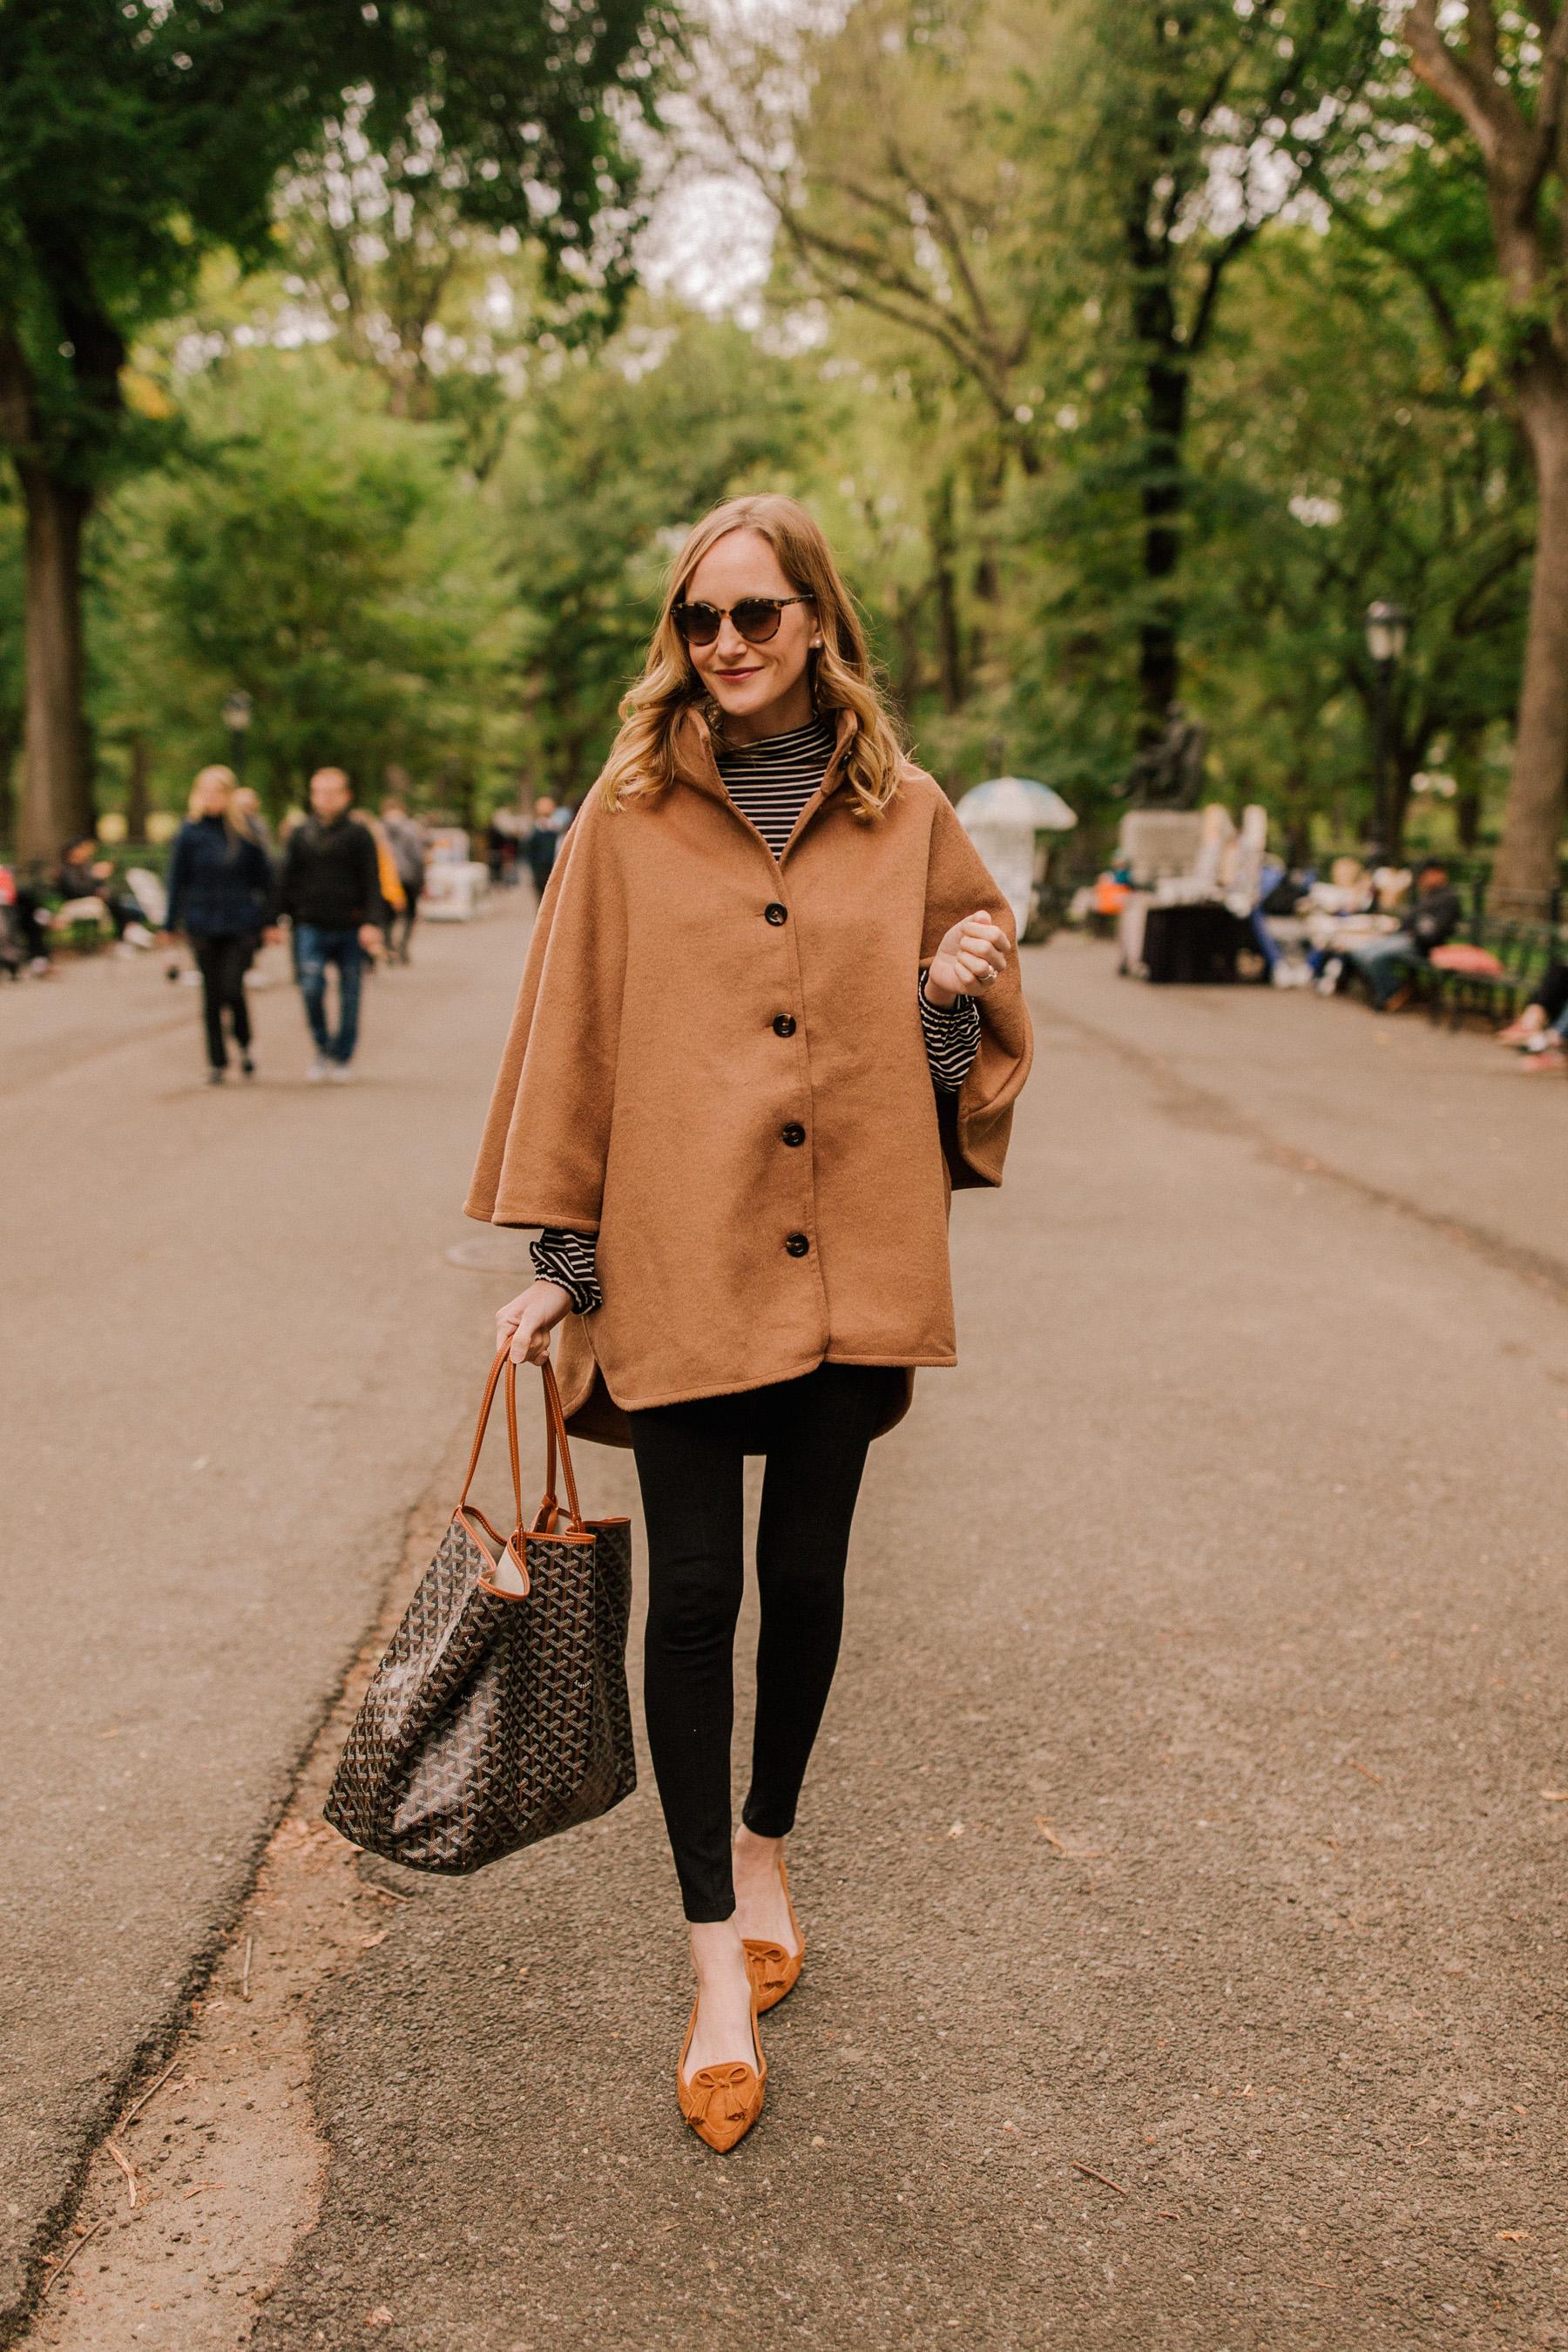 Goyard Bag - Kelly in the City